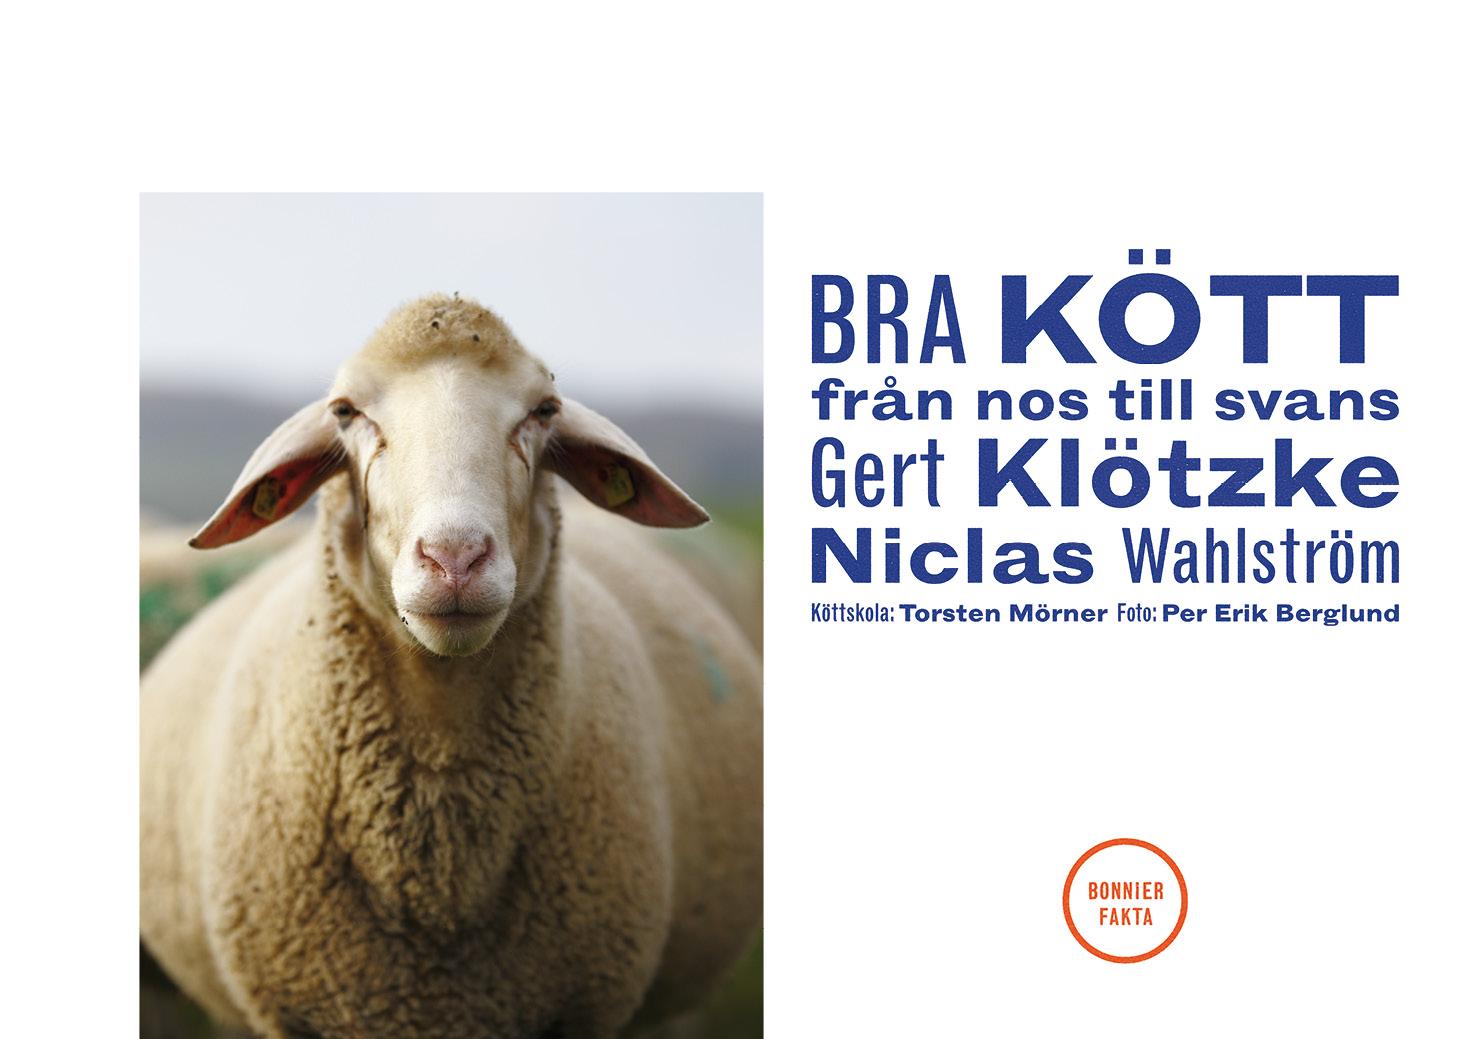 Bra kött av Gert Klötzke, Niclas Wahlström och Torsten Mörner